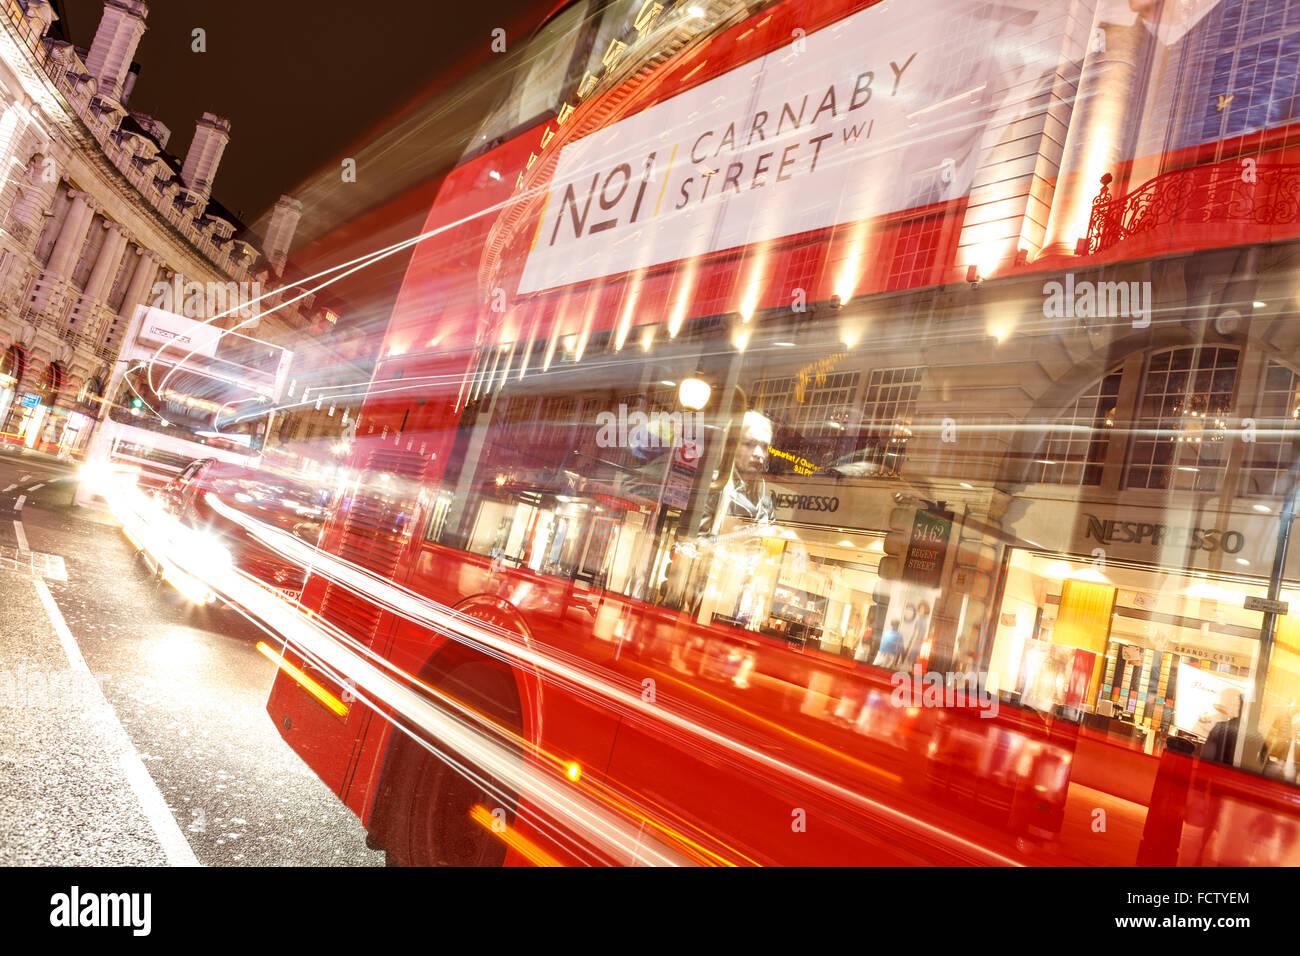 Red bus en la Regent Street en Londres. Luces borrosa del obturador largo. Imagen De Stock